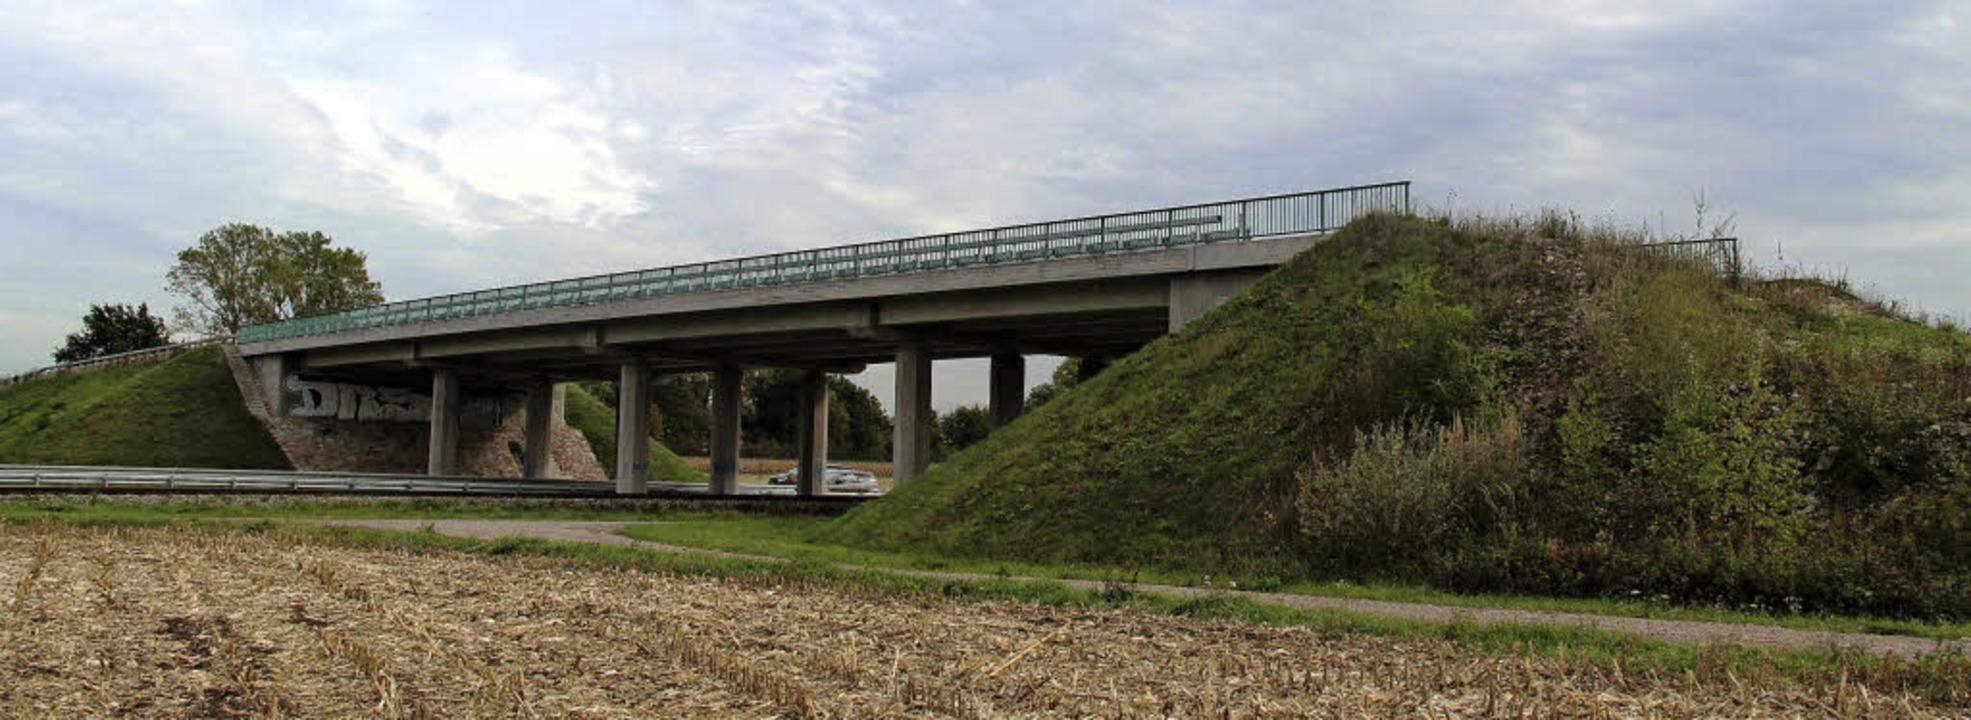 Die B31 West: Momentan endet die  Straßenbrücke im Nichts.     | Foto: Horst David